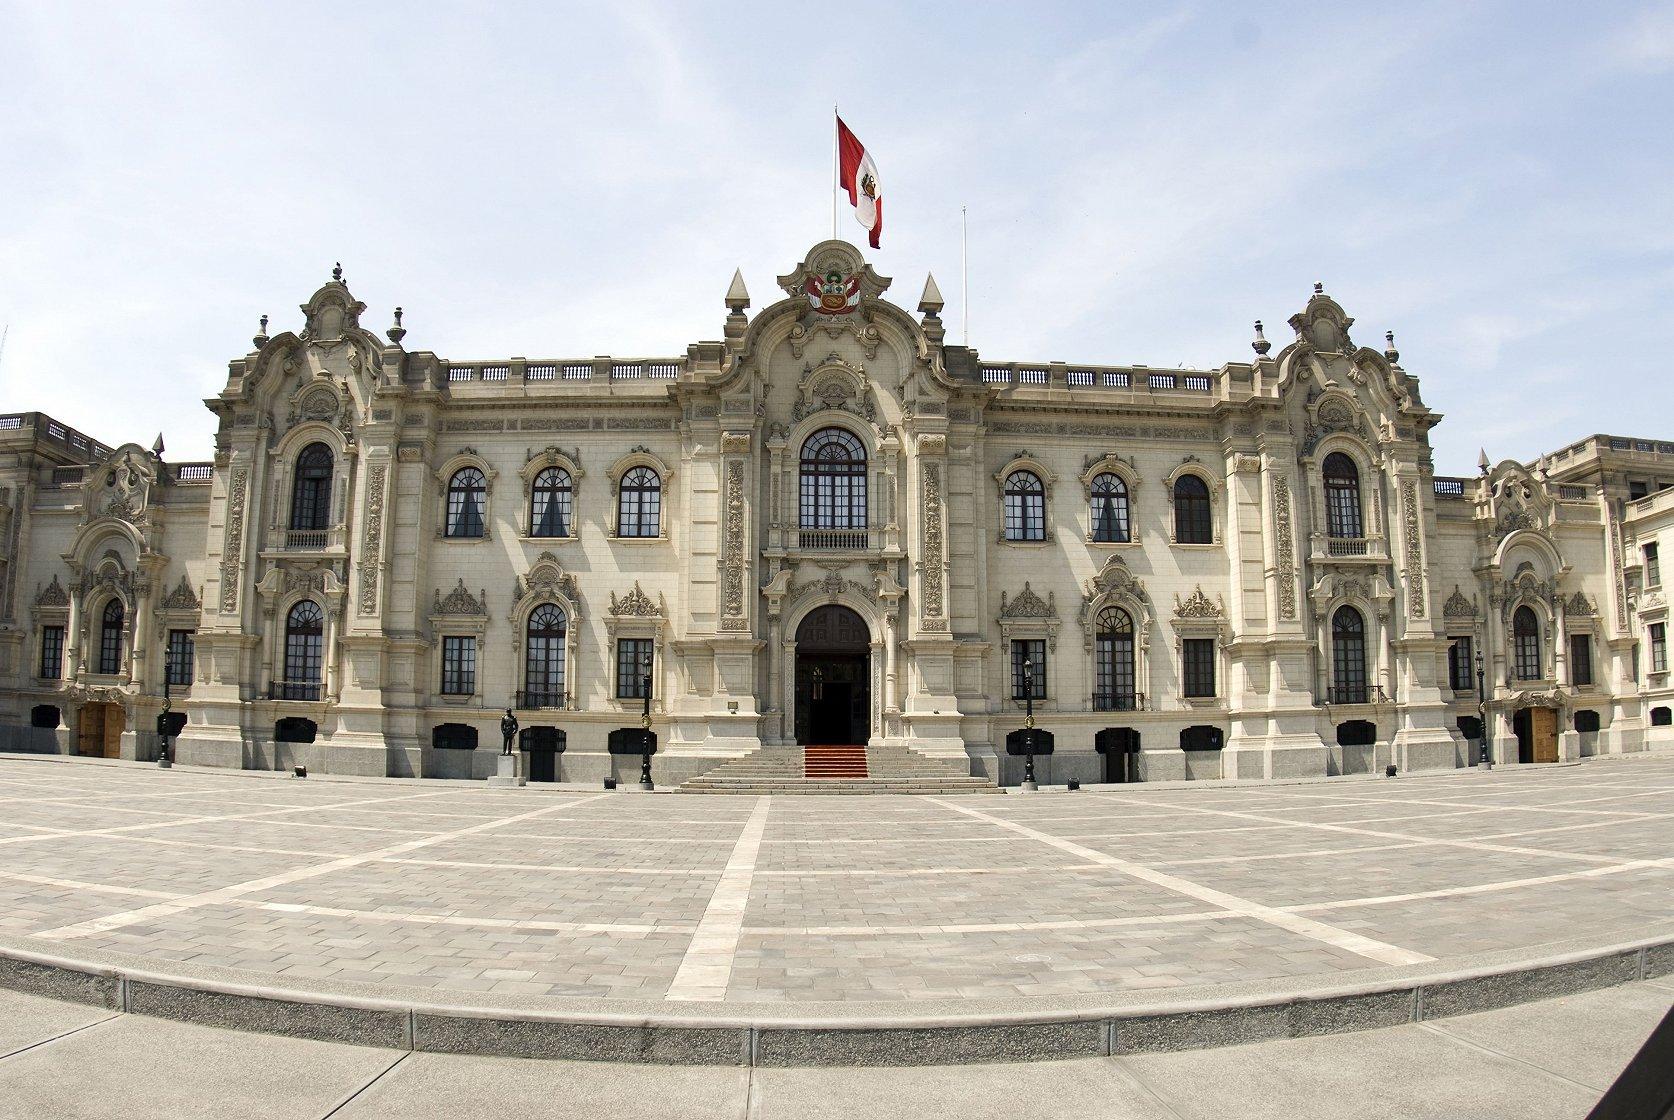 Presidential Palace (Palacio de Gobierno)